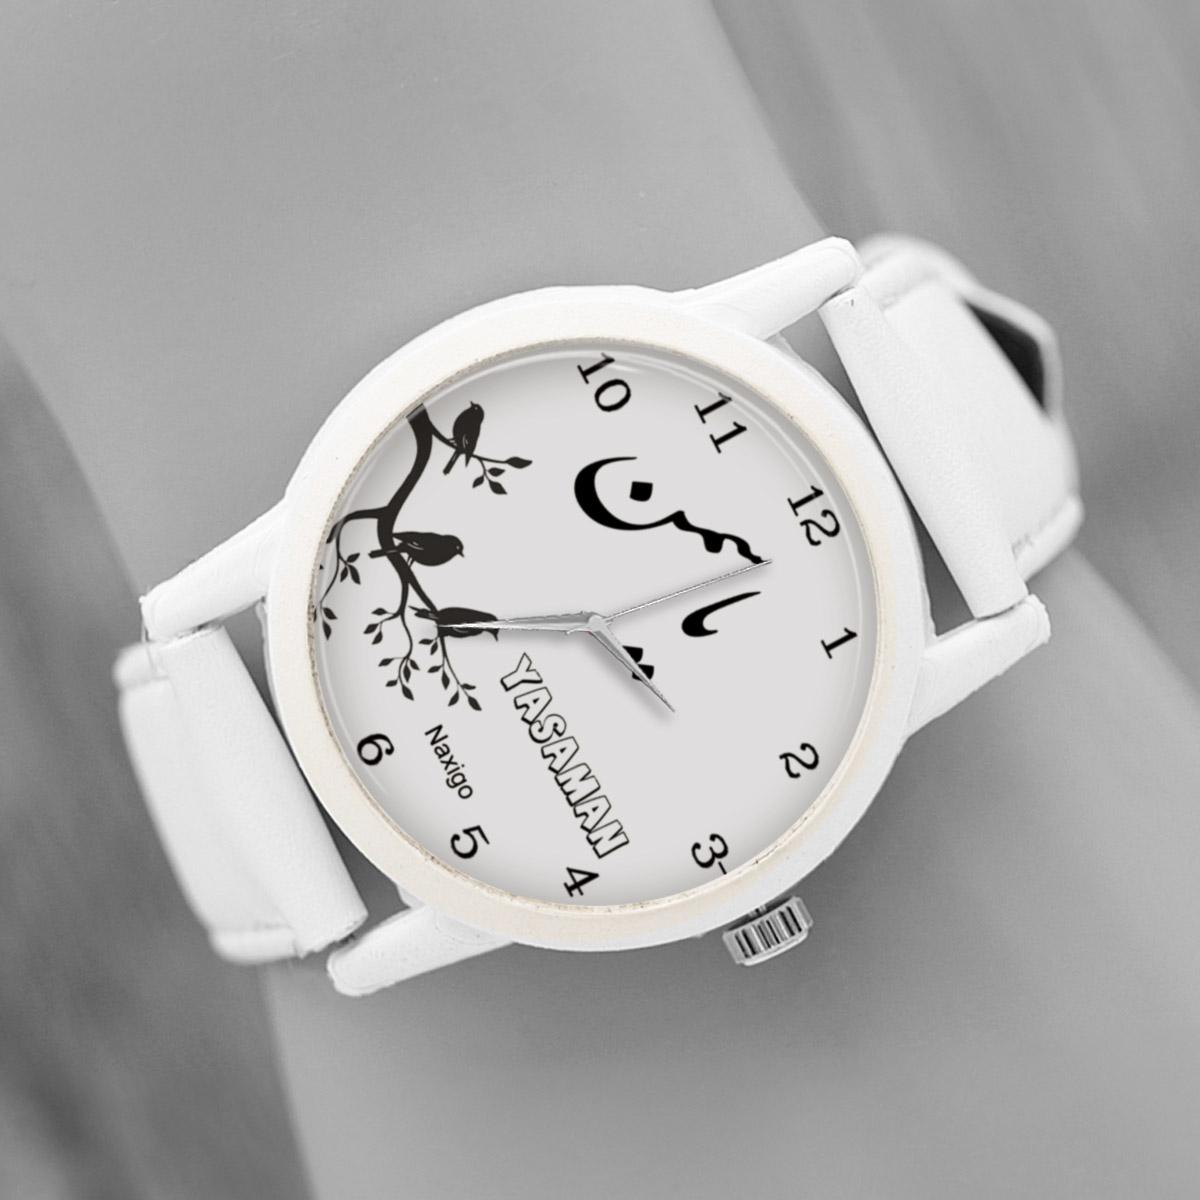 خرید و قیمت                      ساعت مچی  زنانه ناکسیگو طرح یاسمن کد LF3412